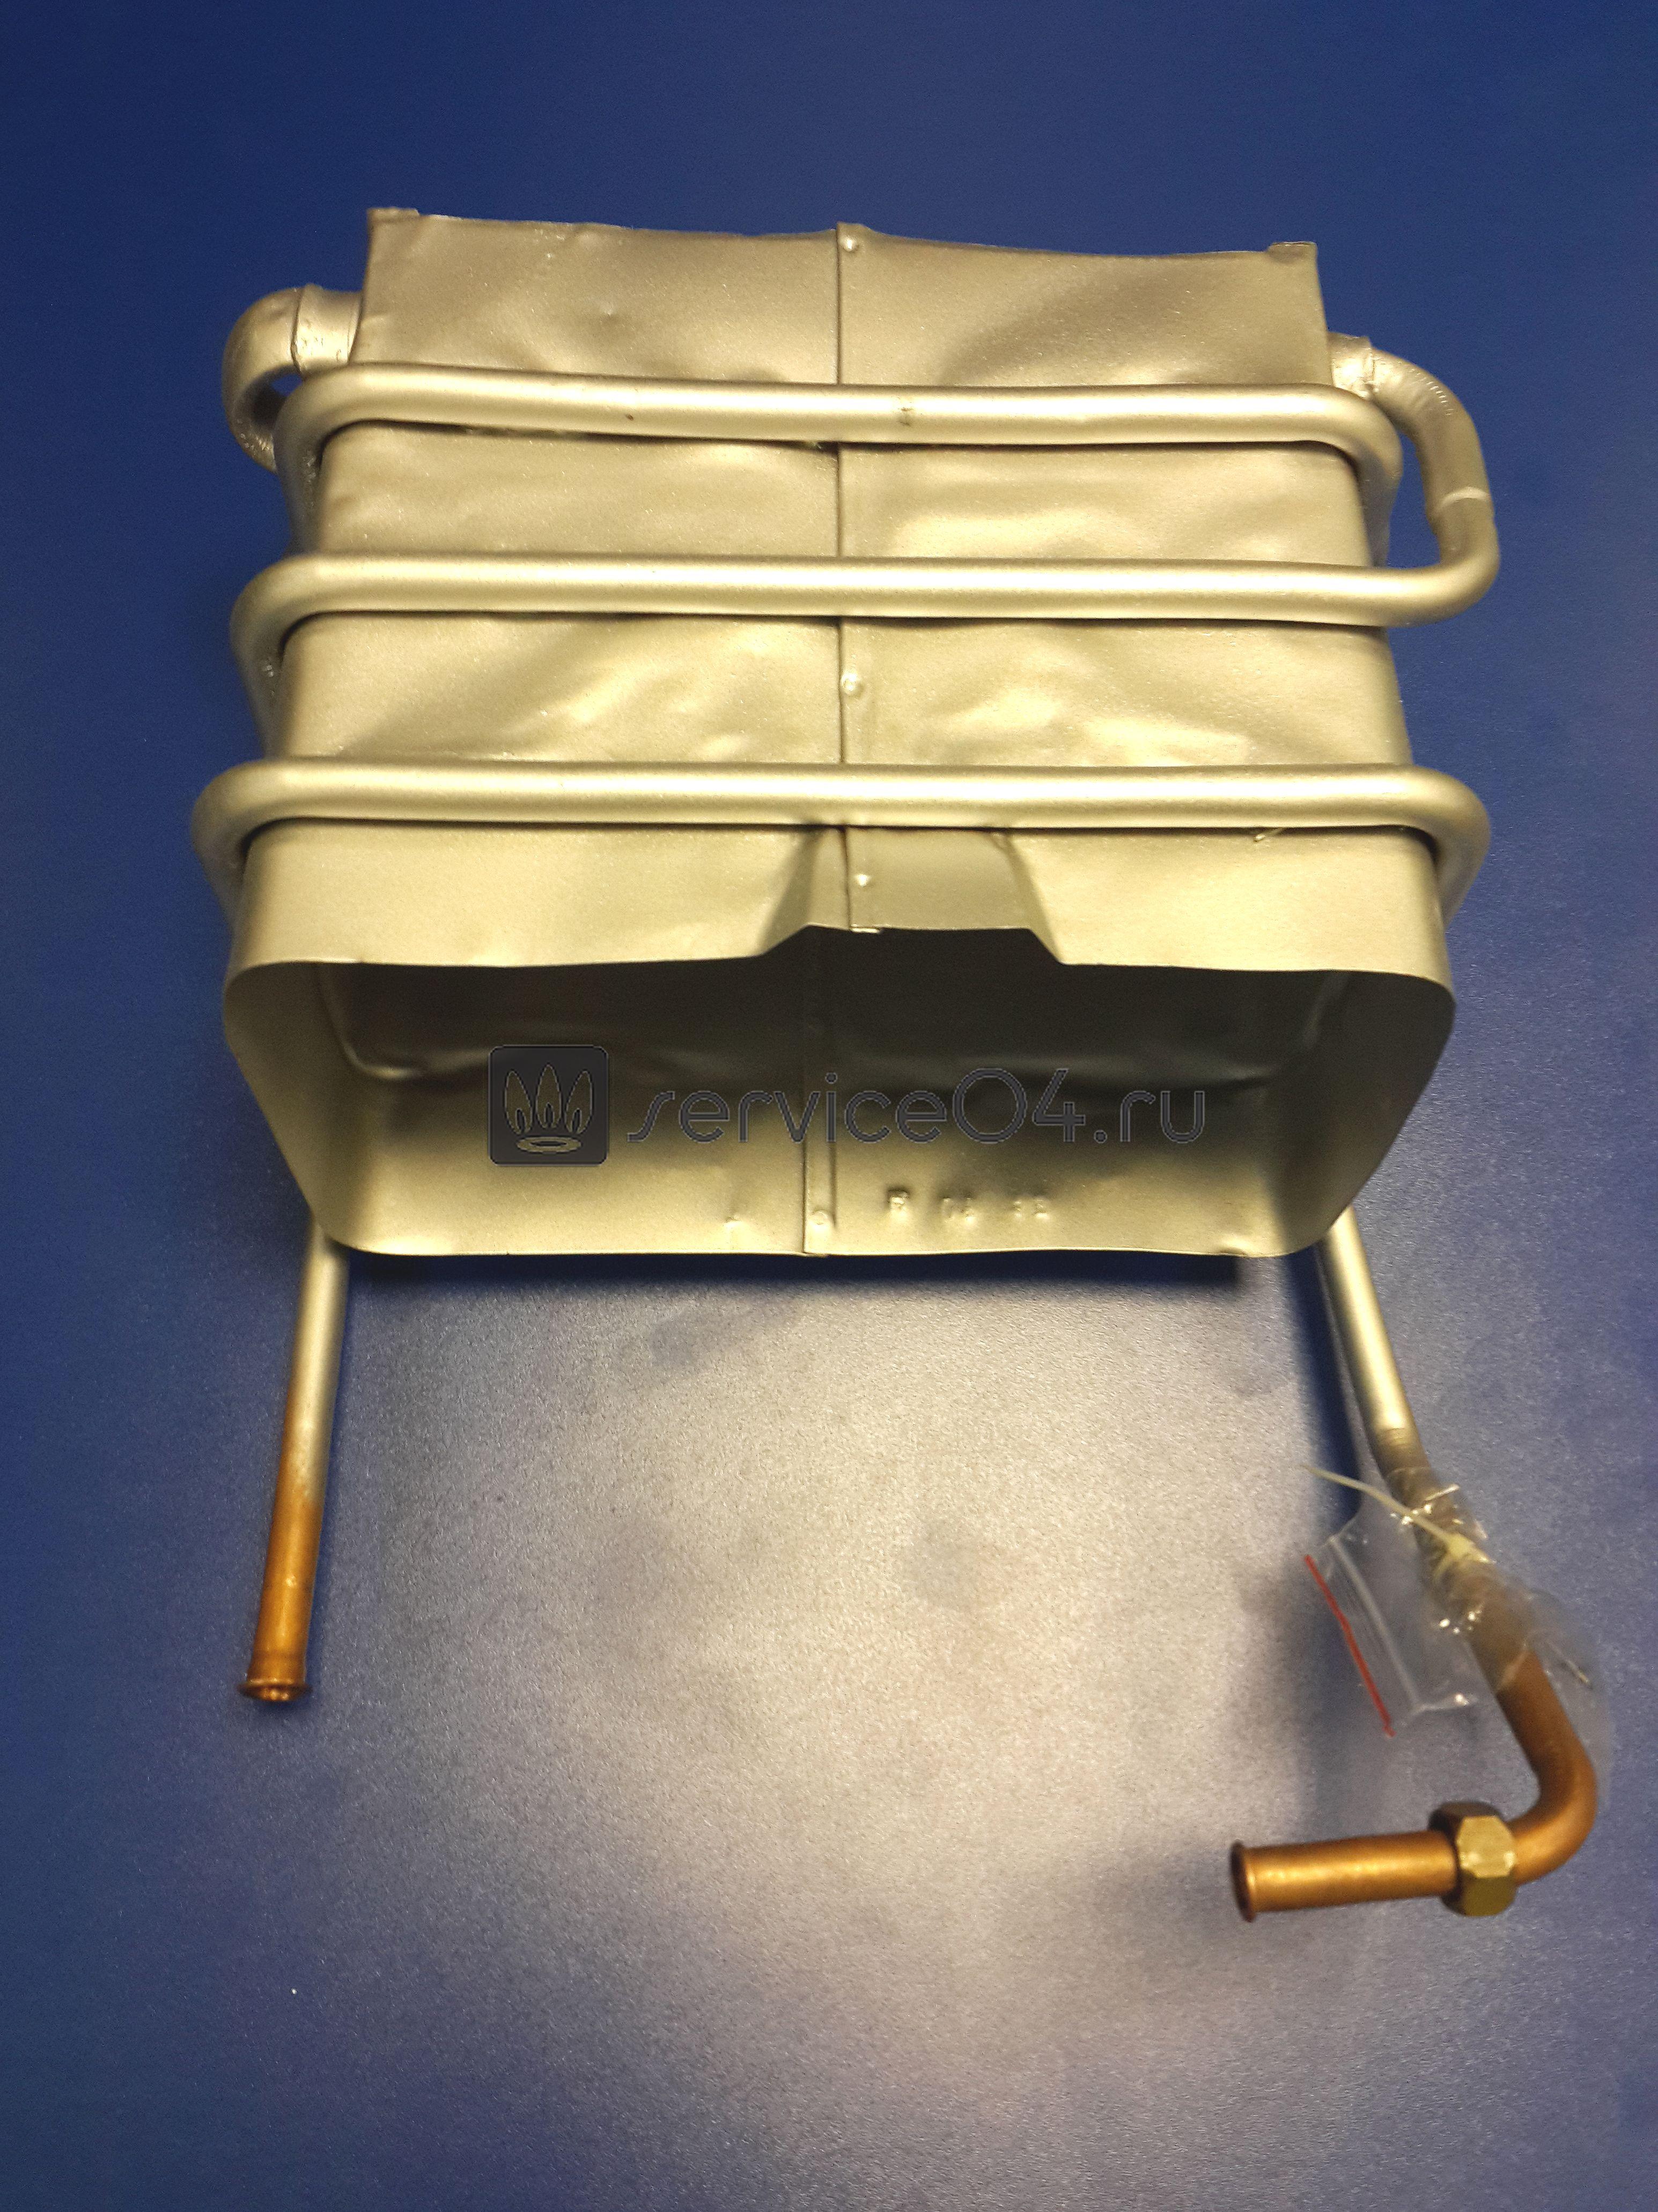 Теплообменник колонка electrolux блочный теплообменник f 8 1